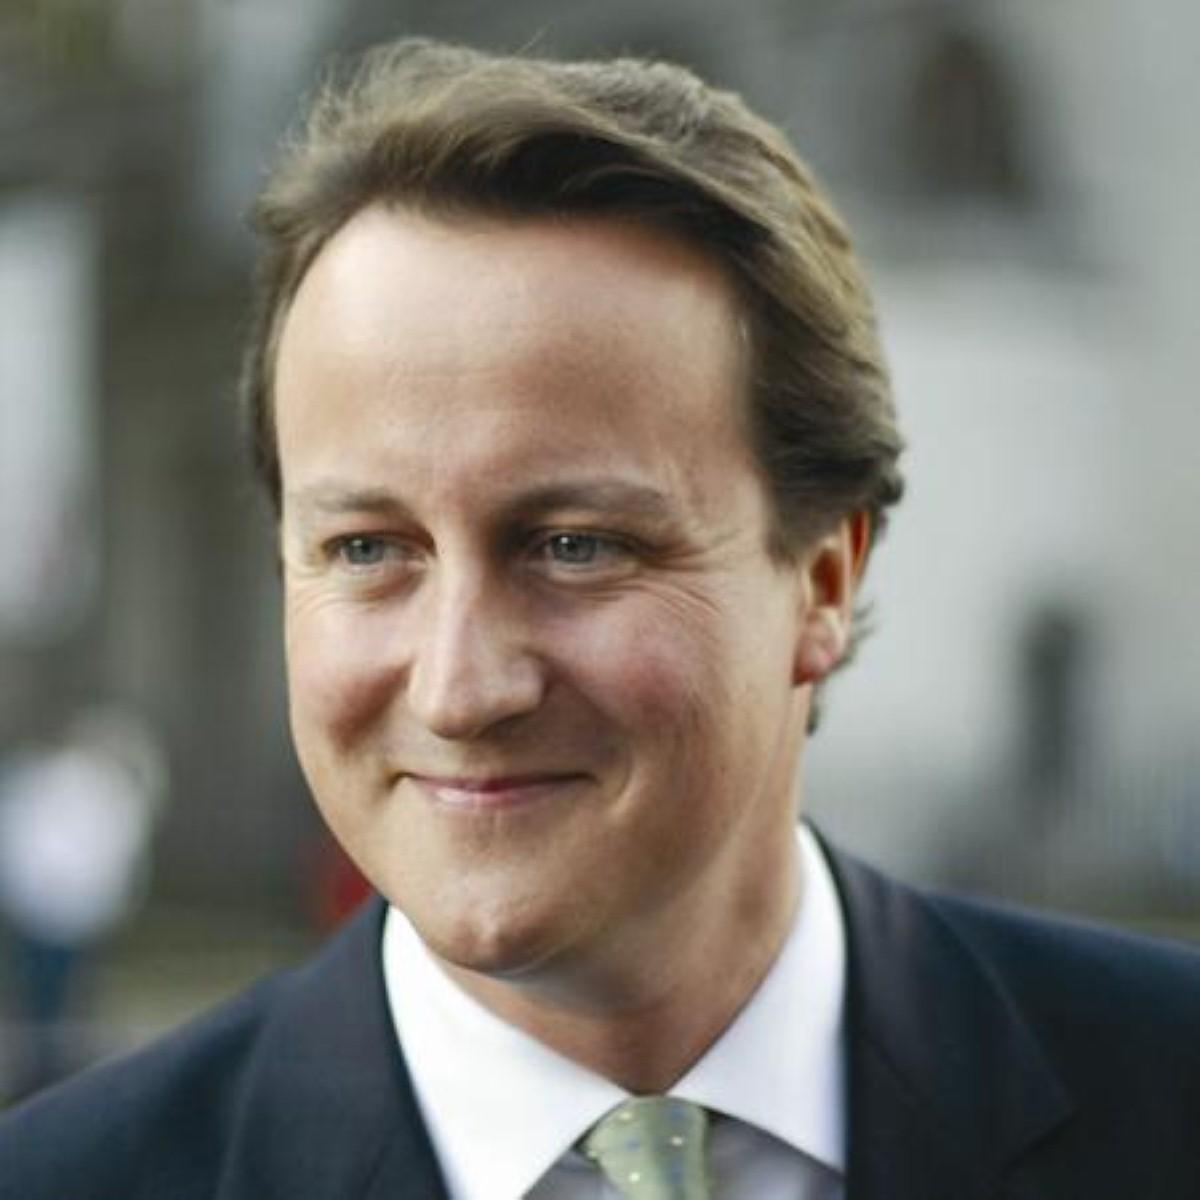 David Cameron responds to Liam Fox's resignation.